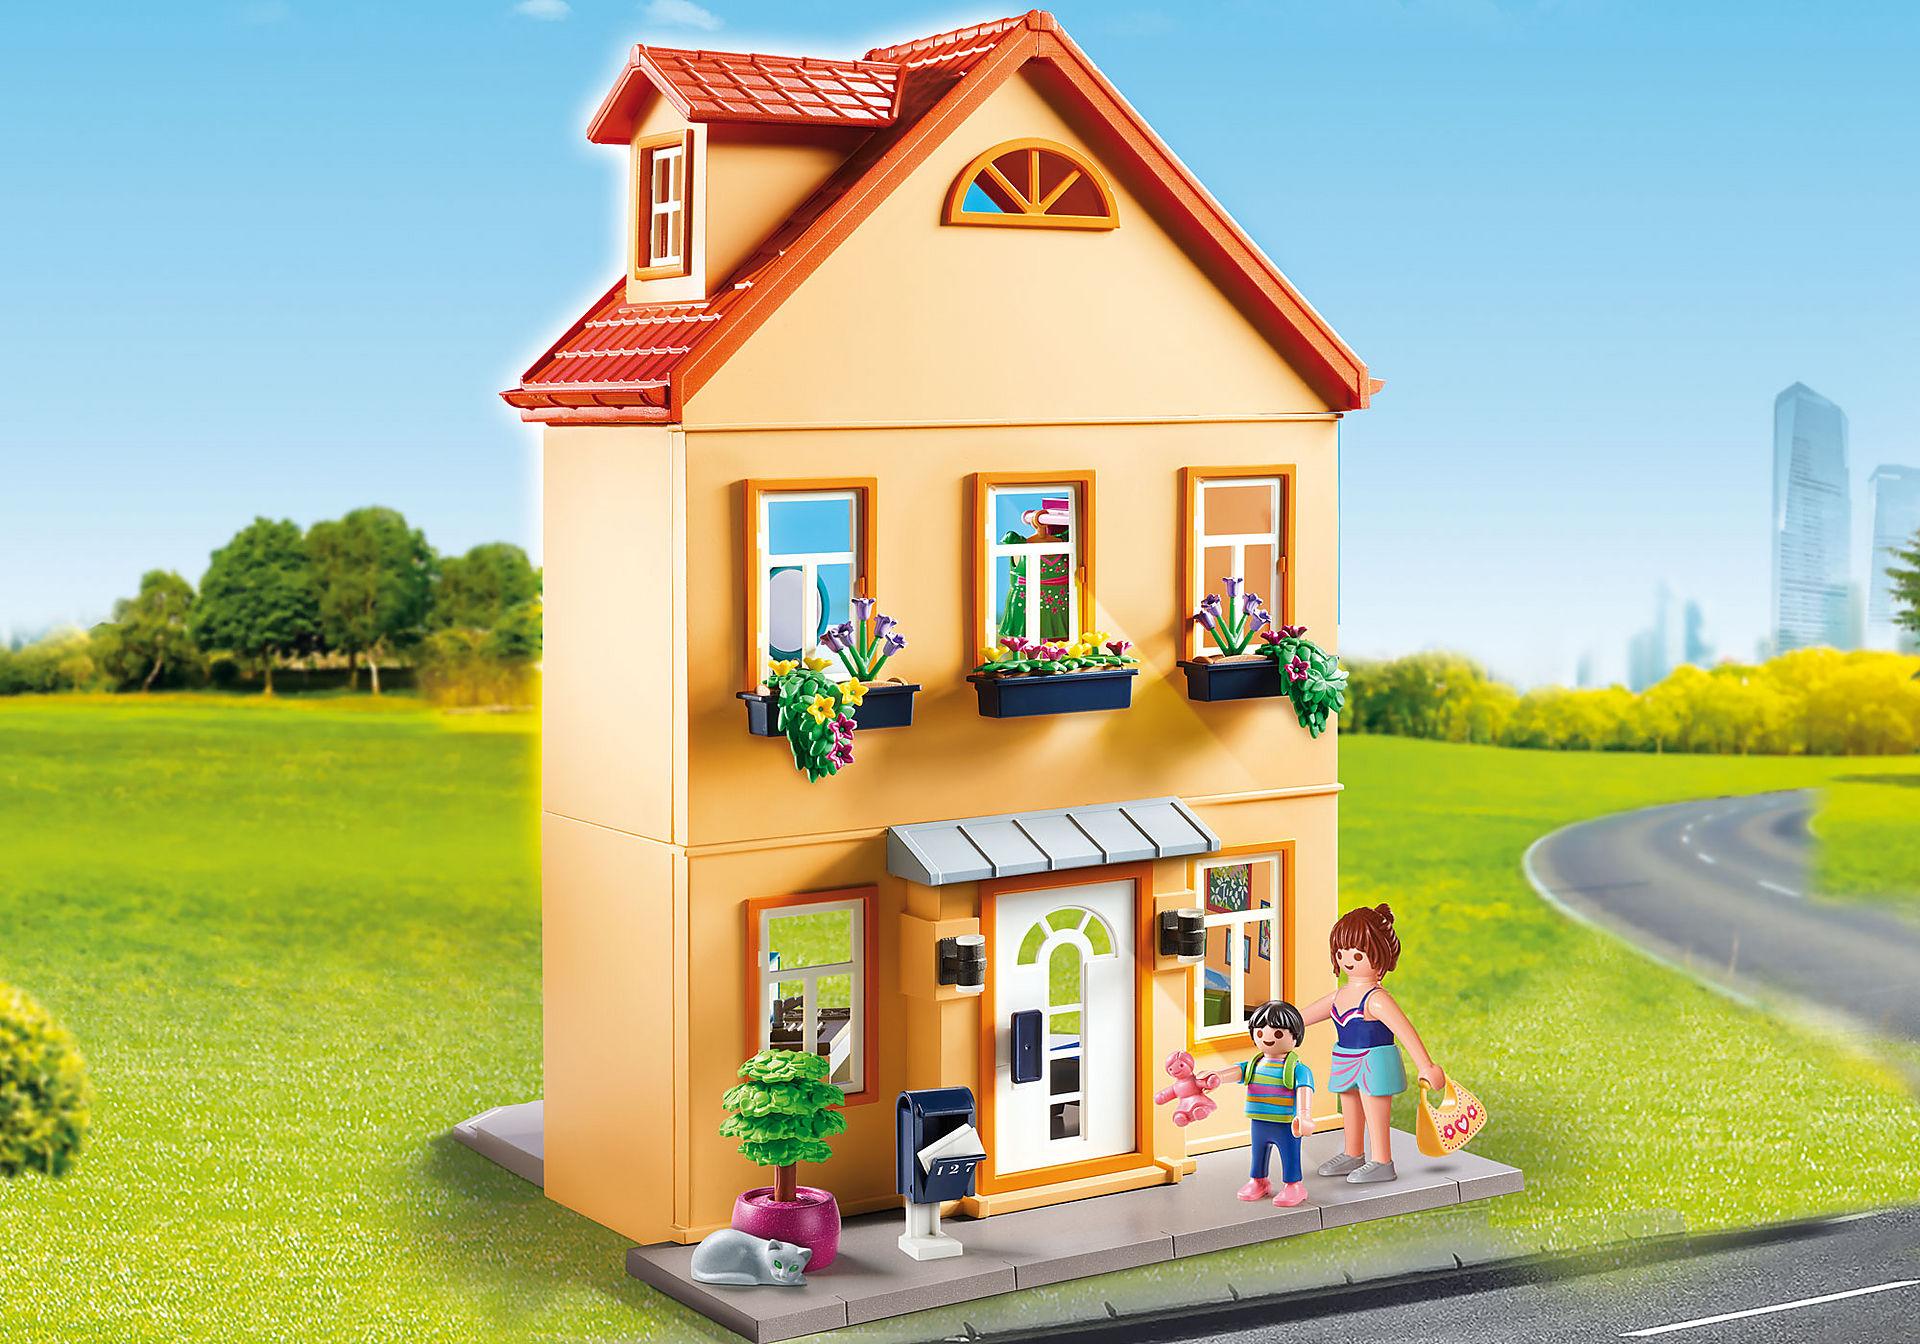 70014 Το μοντέρνο Σπίτι μου zoom image1